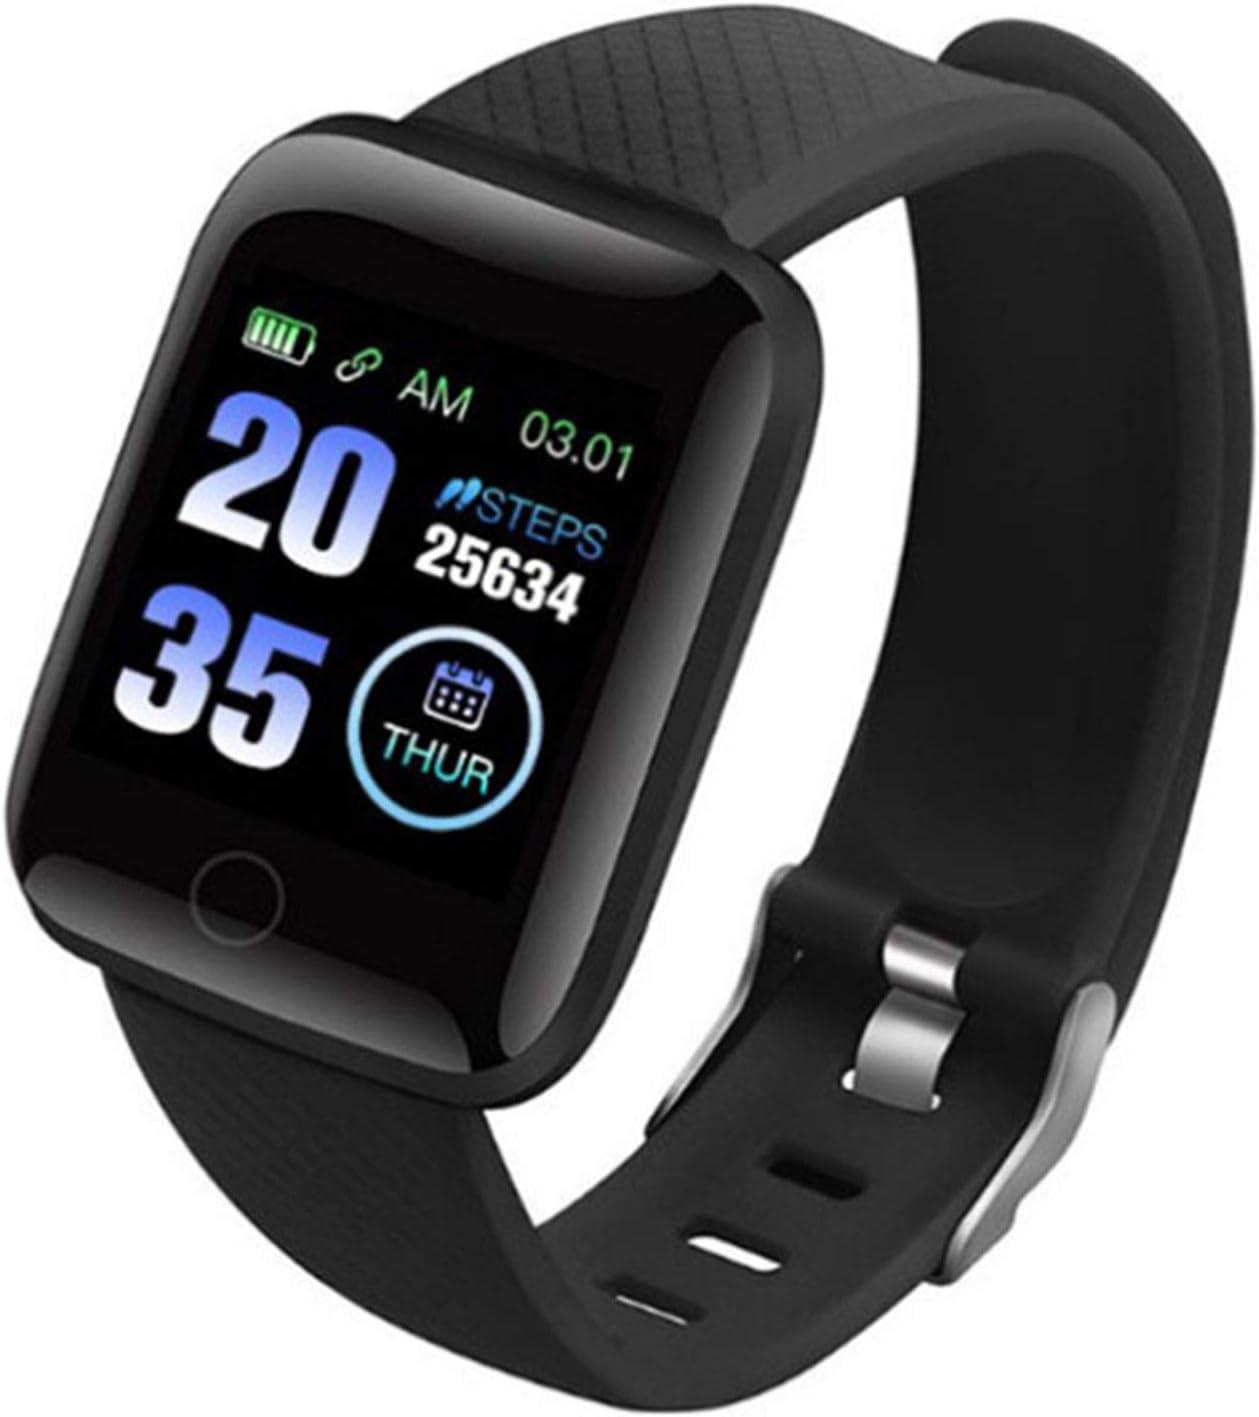 Wsaman Reloj de Pulsera Deportivo con Bluetooth, Monitor Rítmo Cardíaco y Sueño,con Pantalla de 1.3 Pulgadas, para Hombre Mujer Niño, Pulsera de Fitness,Negro